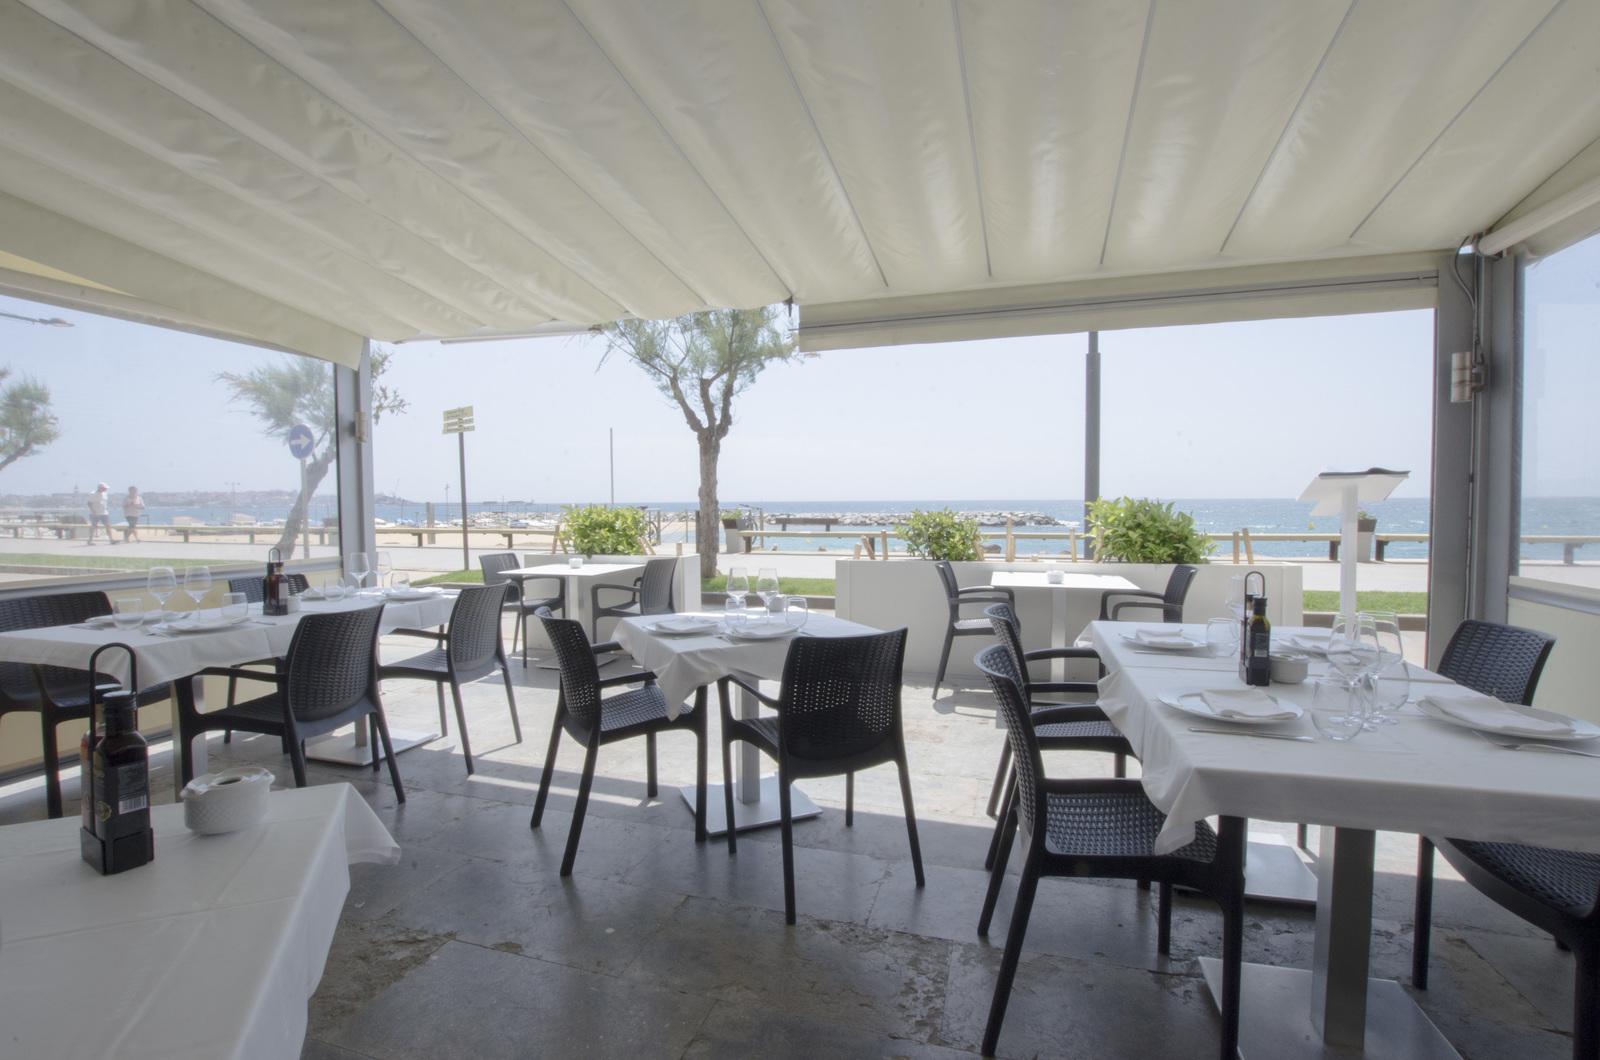 restaurant guillermu terrassa